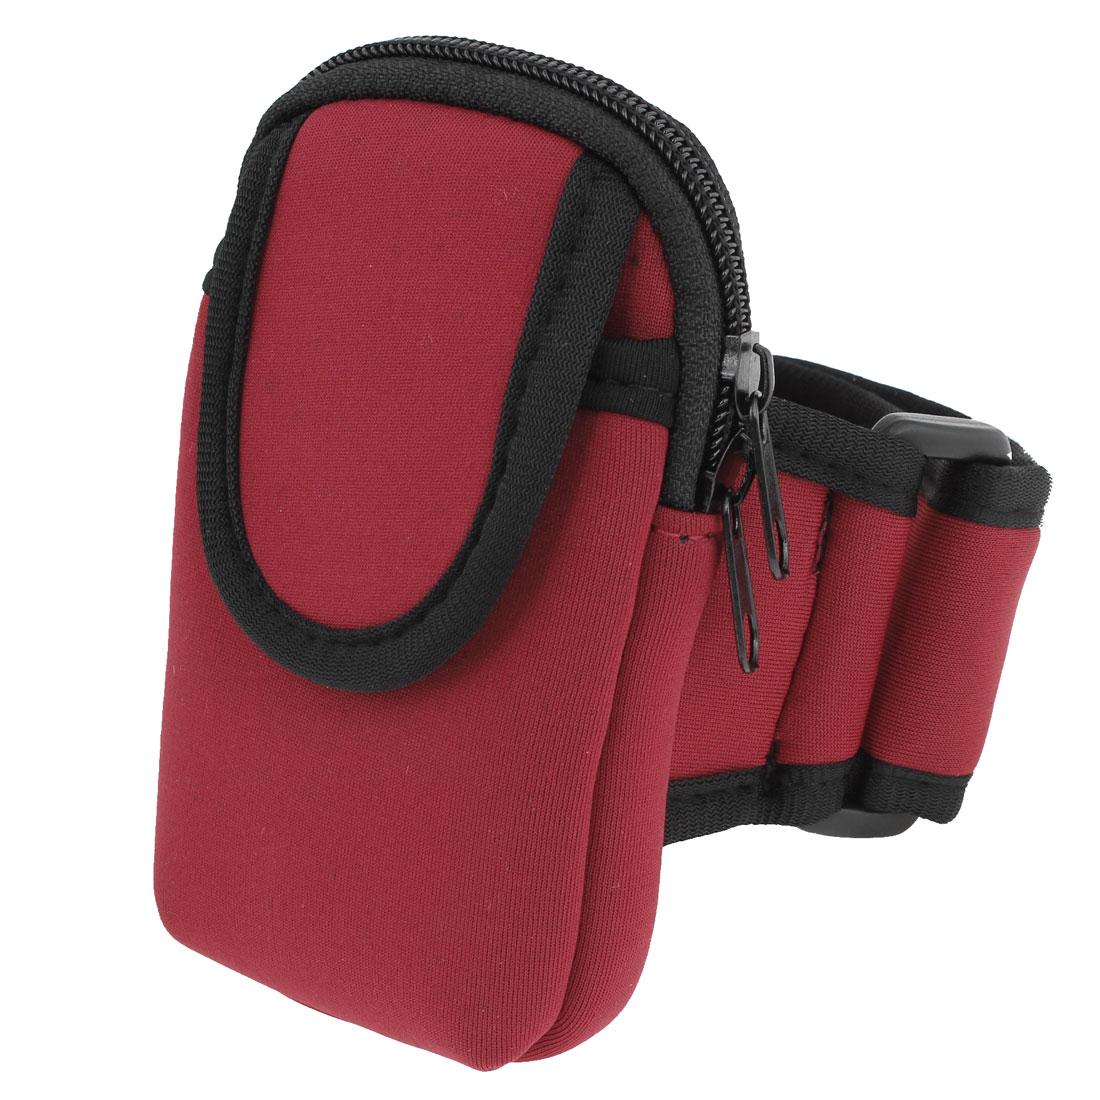 Handy Black Red Hook Loop Fastener Band Holder Arm Bag for Phone Mp4